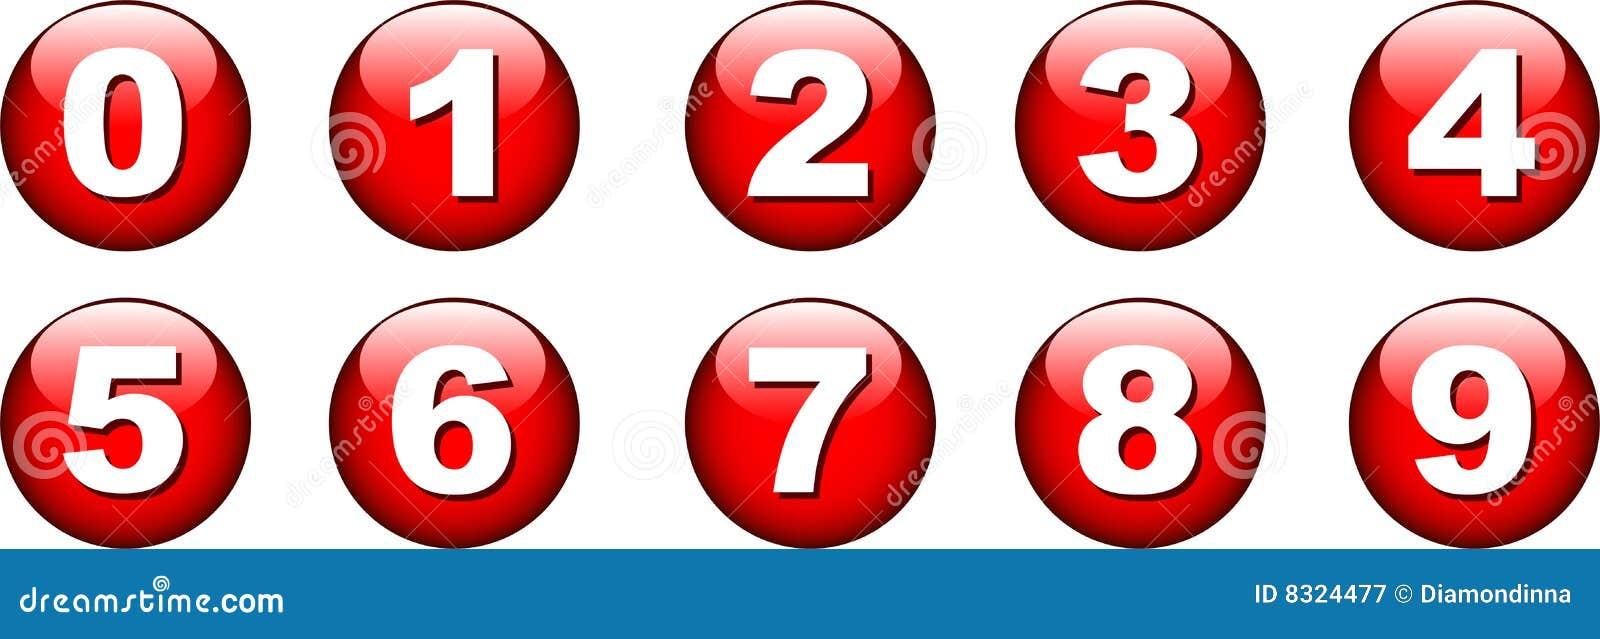 Icono del número del botón